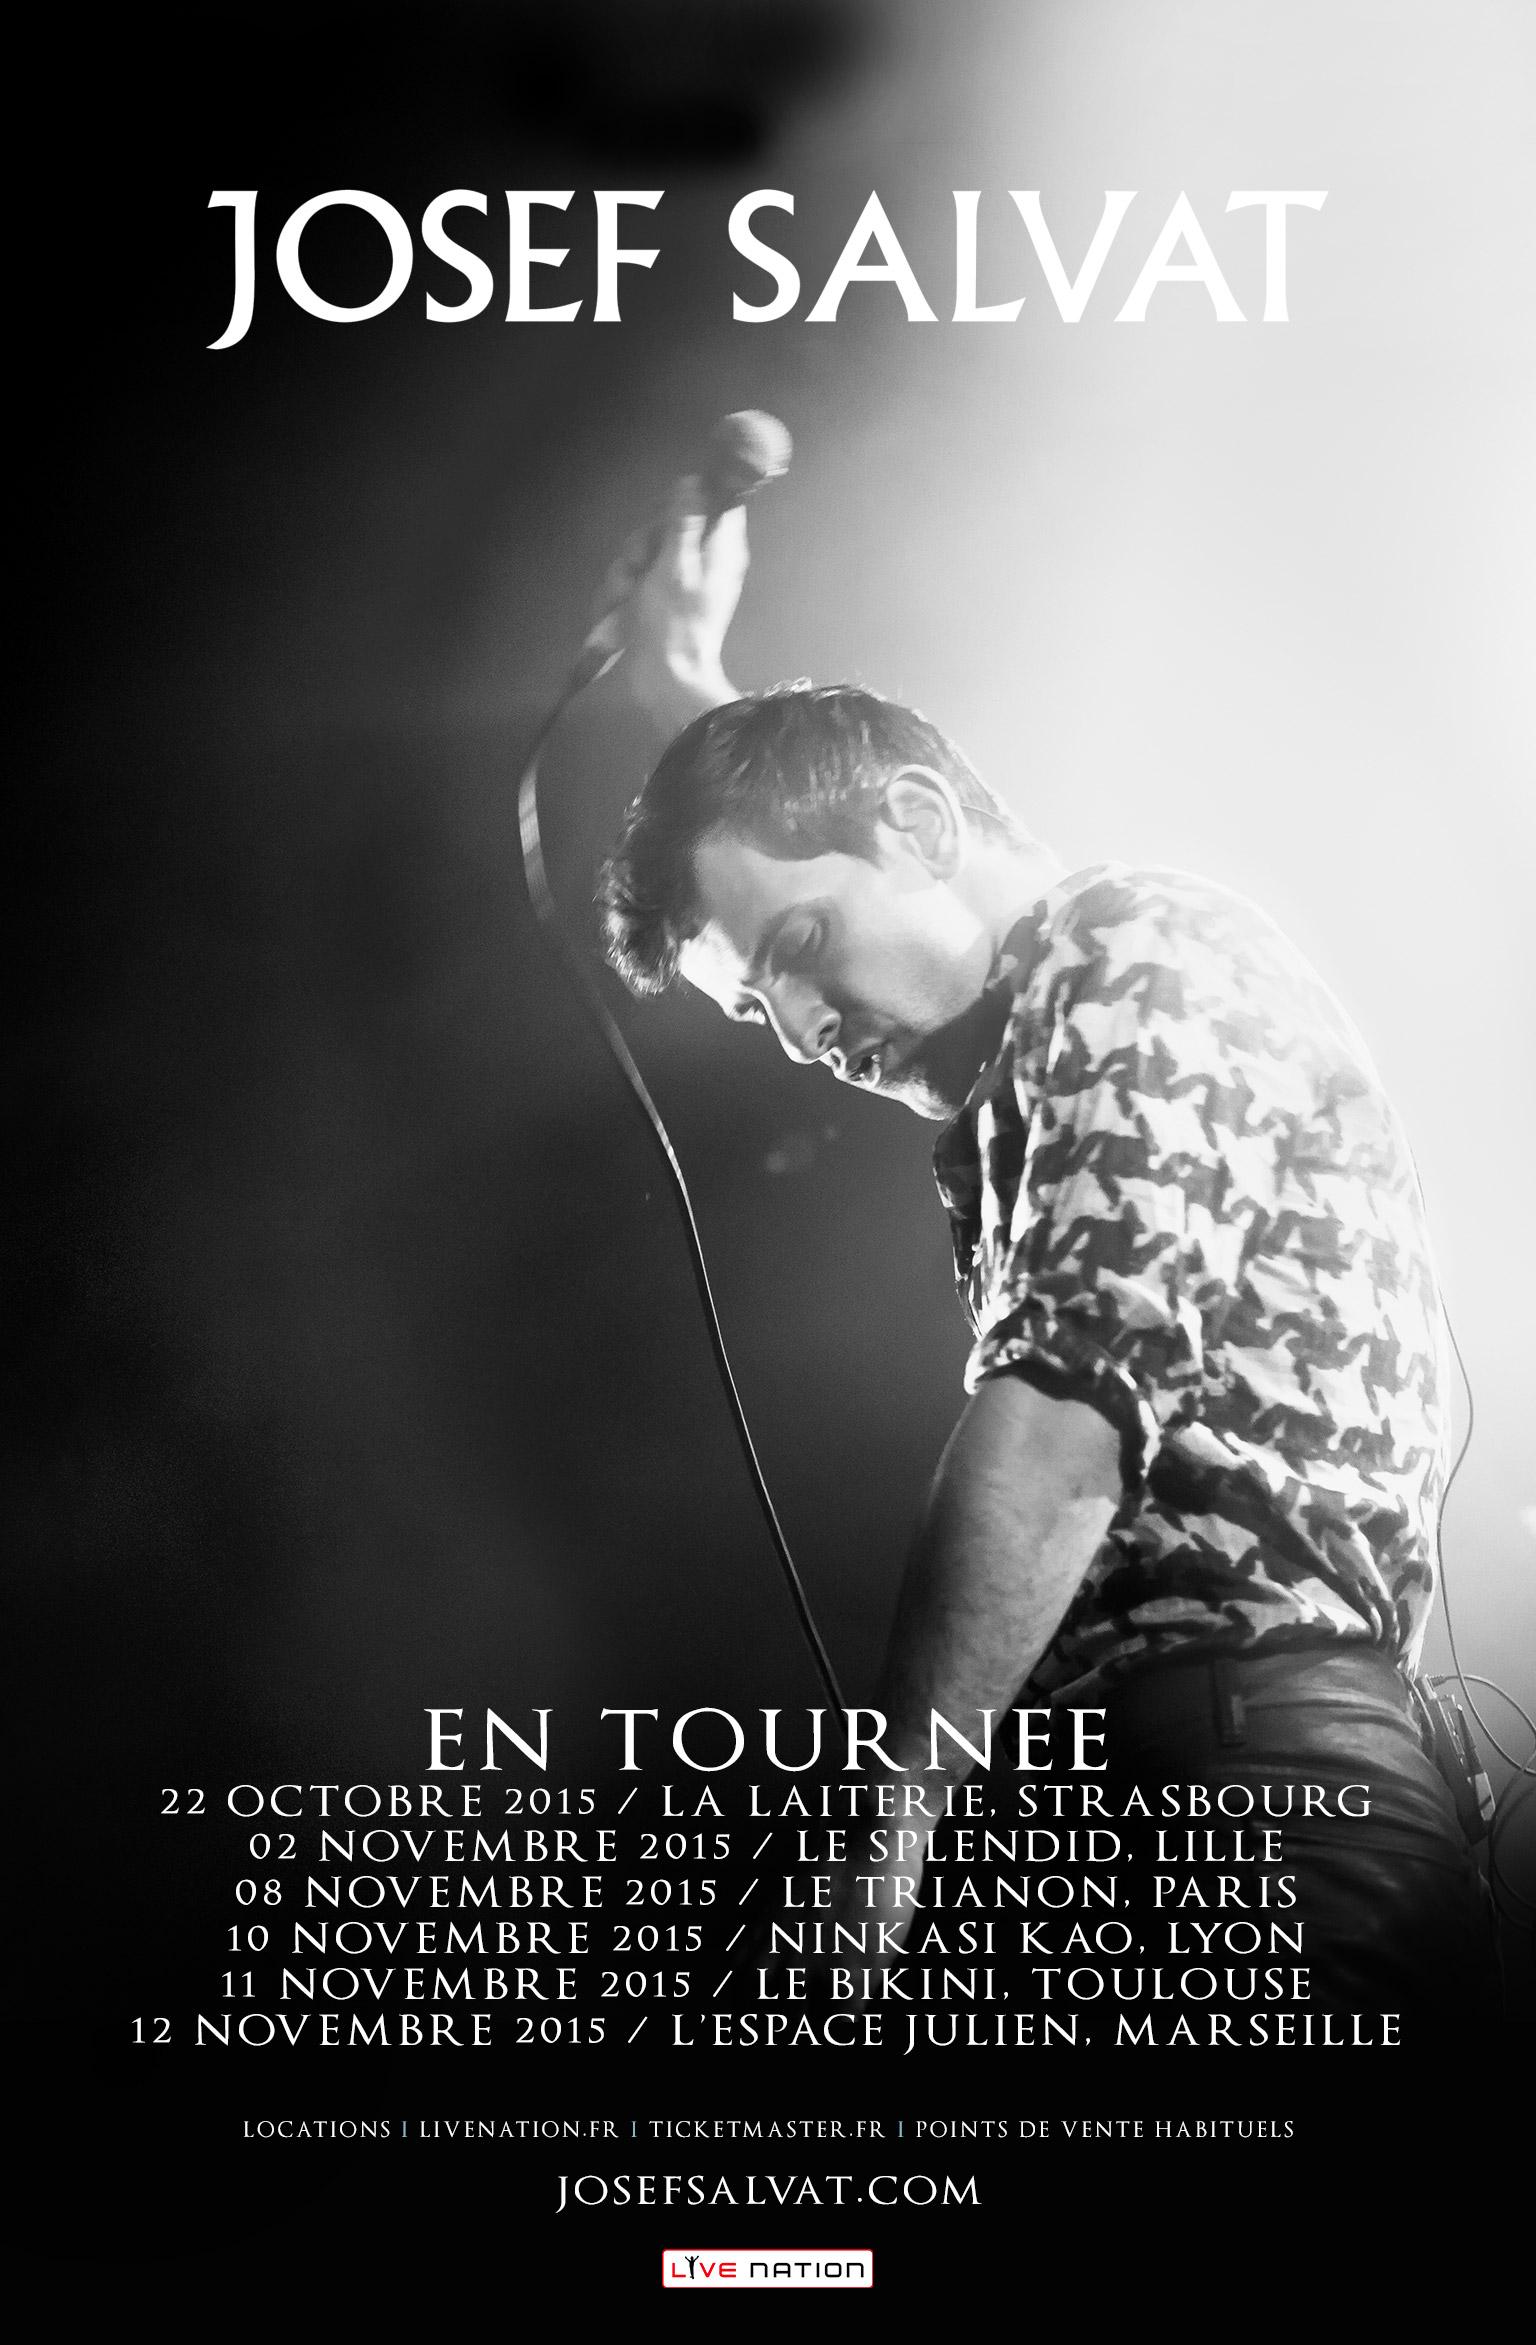 JOSEF SALVAT concert au Trianon Paris le 8 novembre affiche en tournée en France Strasbourg Lille Lyon Toulouse Marseille Bordeaux Live Nation